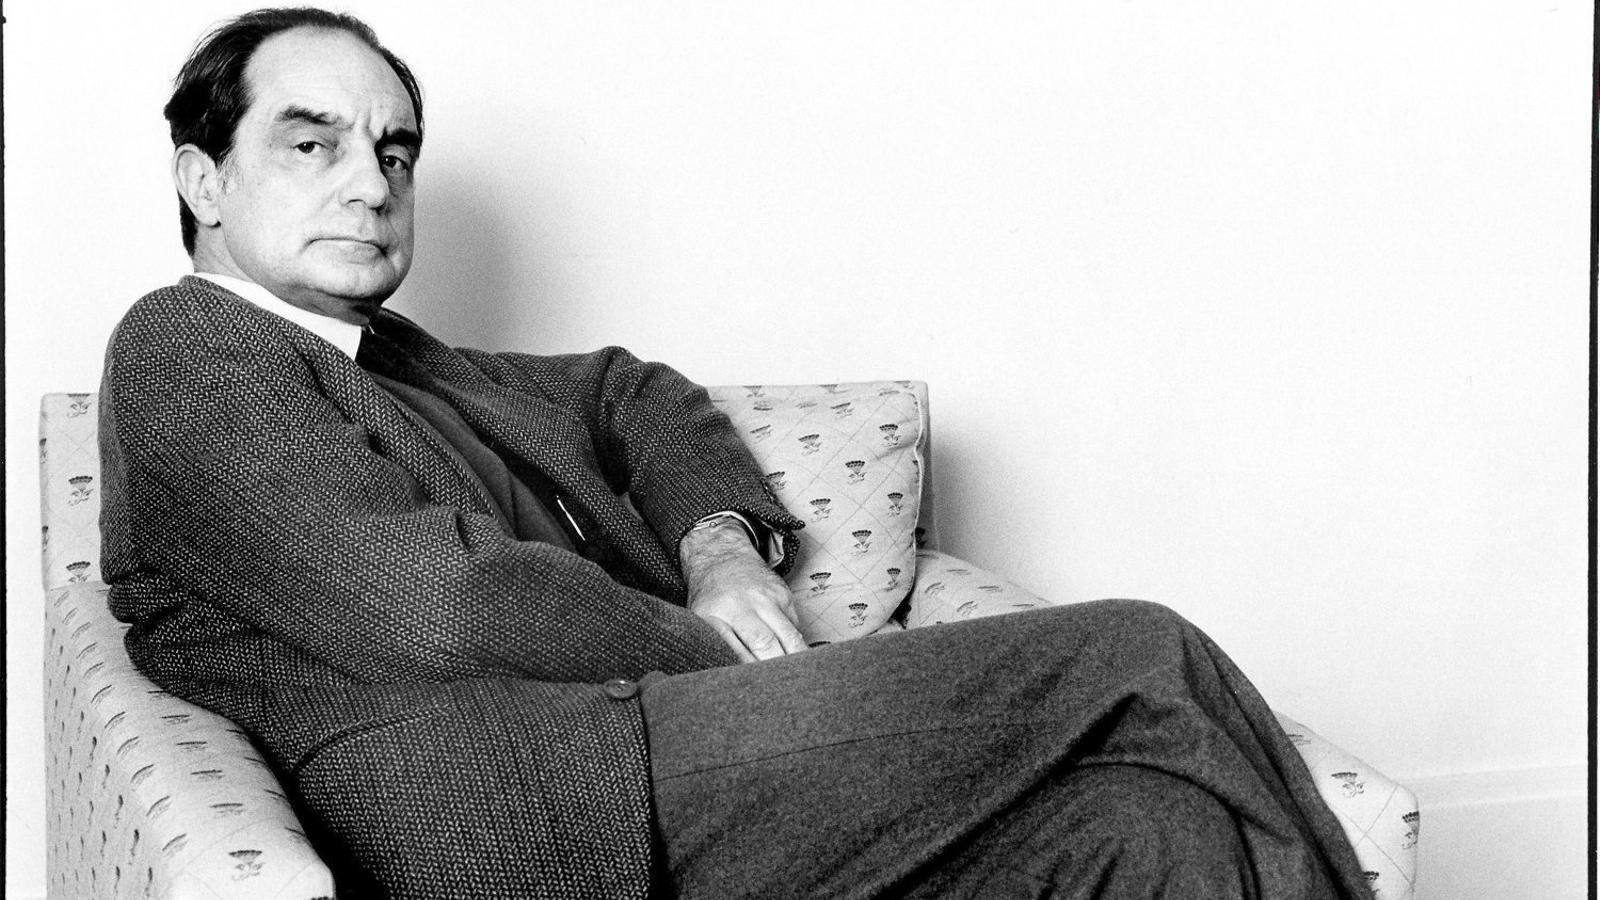 L'escriptor Italo Calvino en una imatge del 1984, un any abans de morir amb 61 anys.